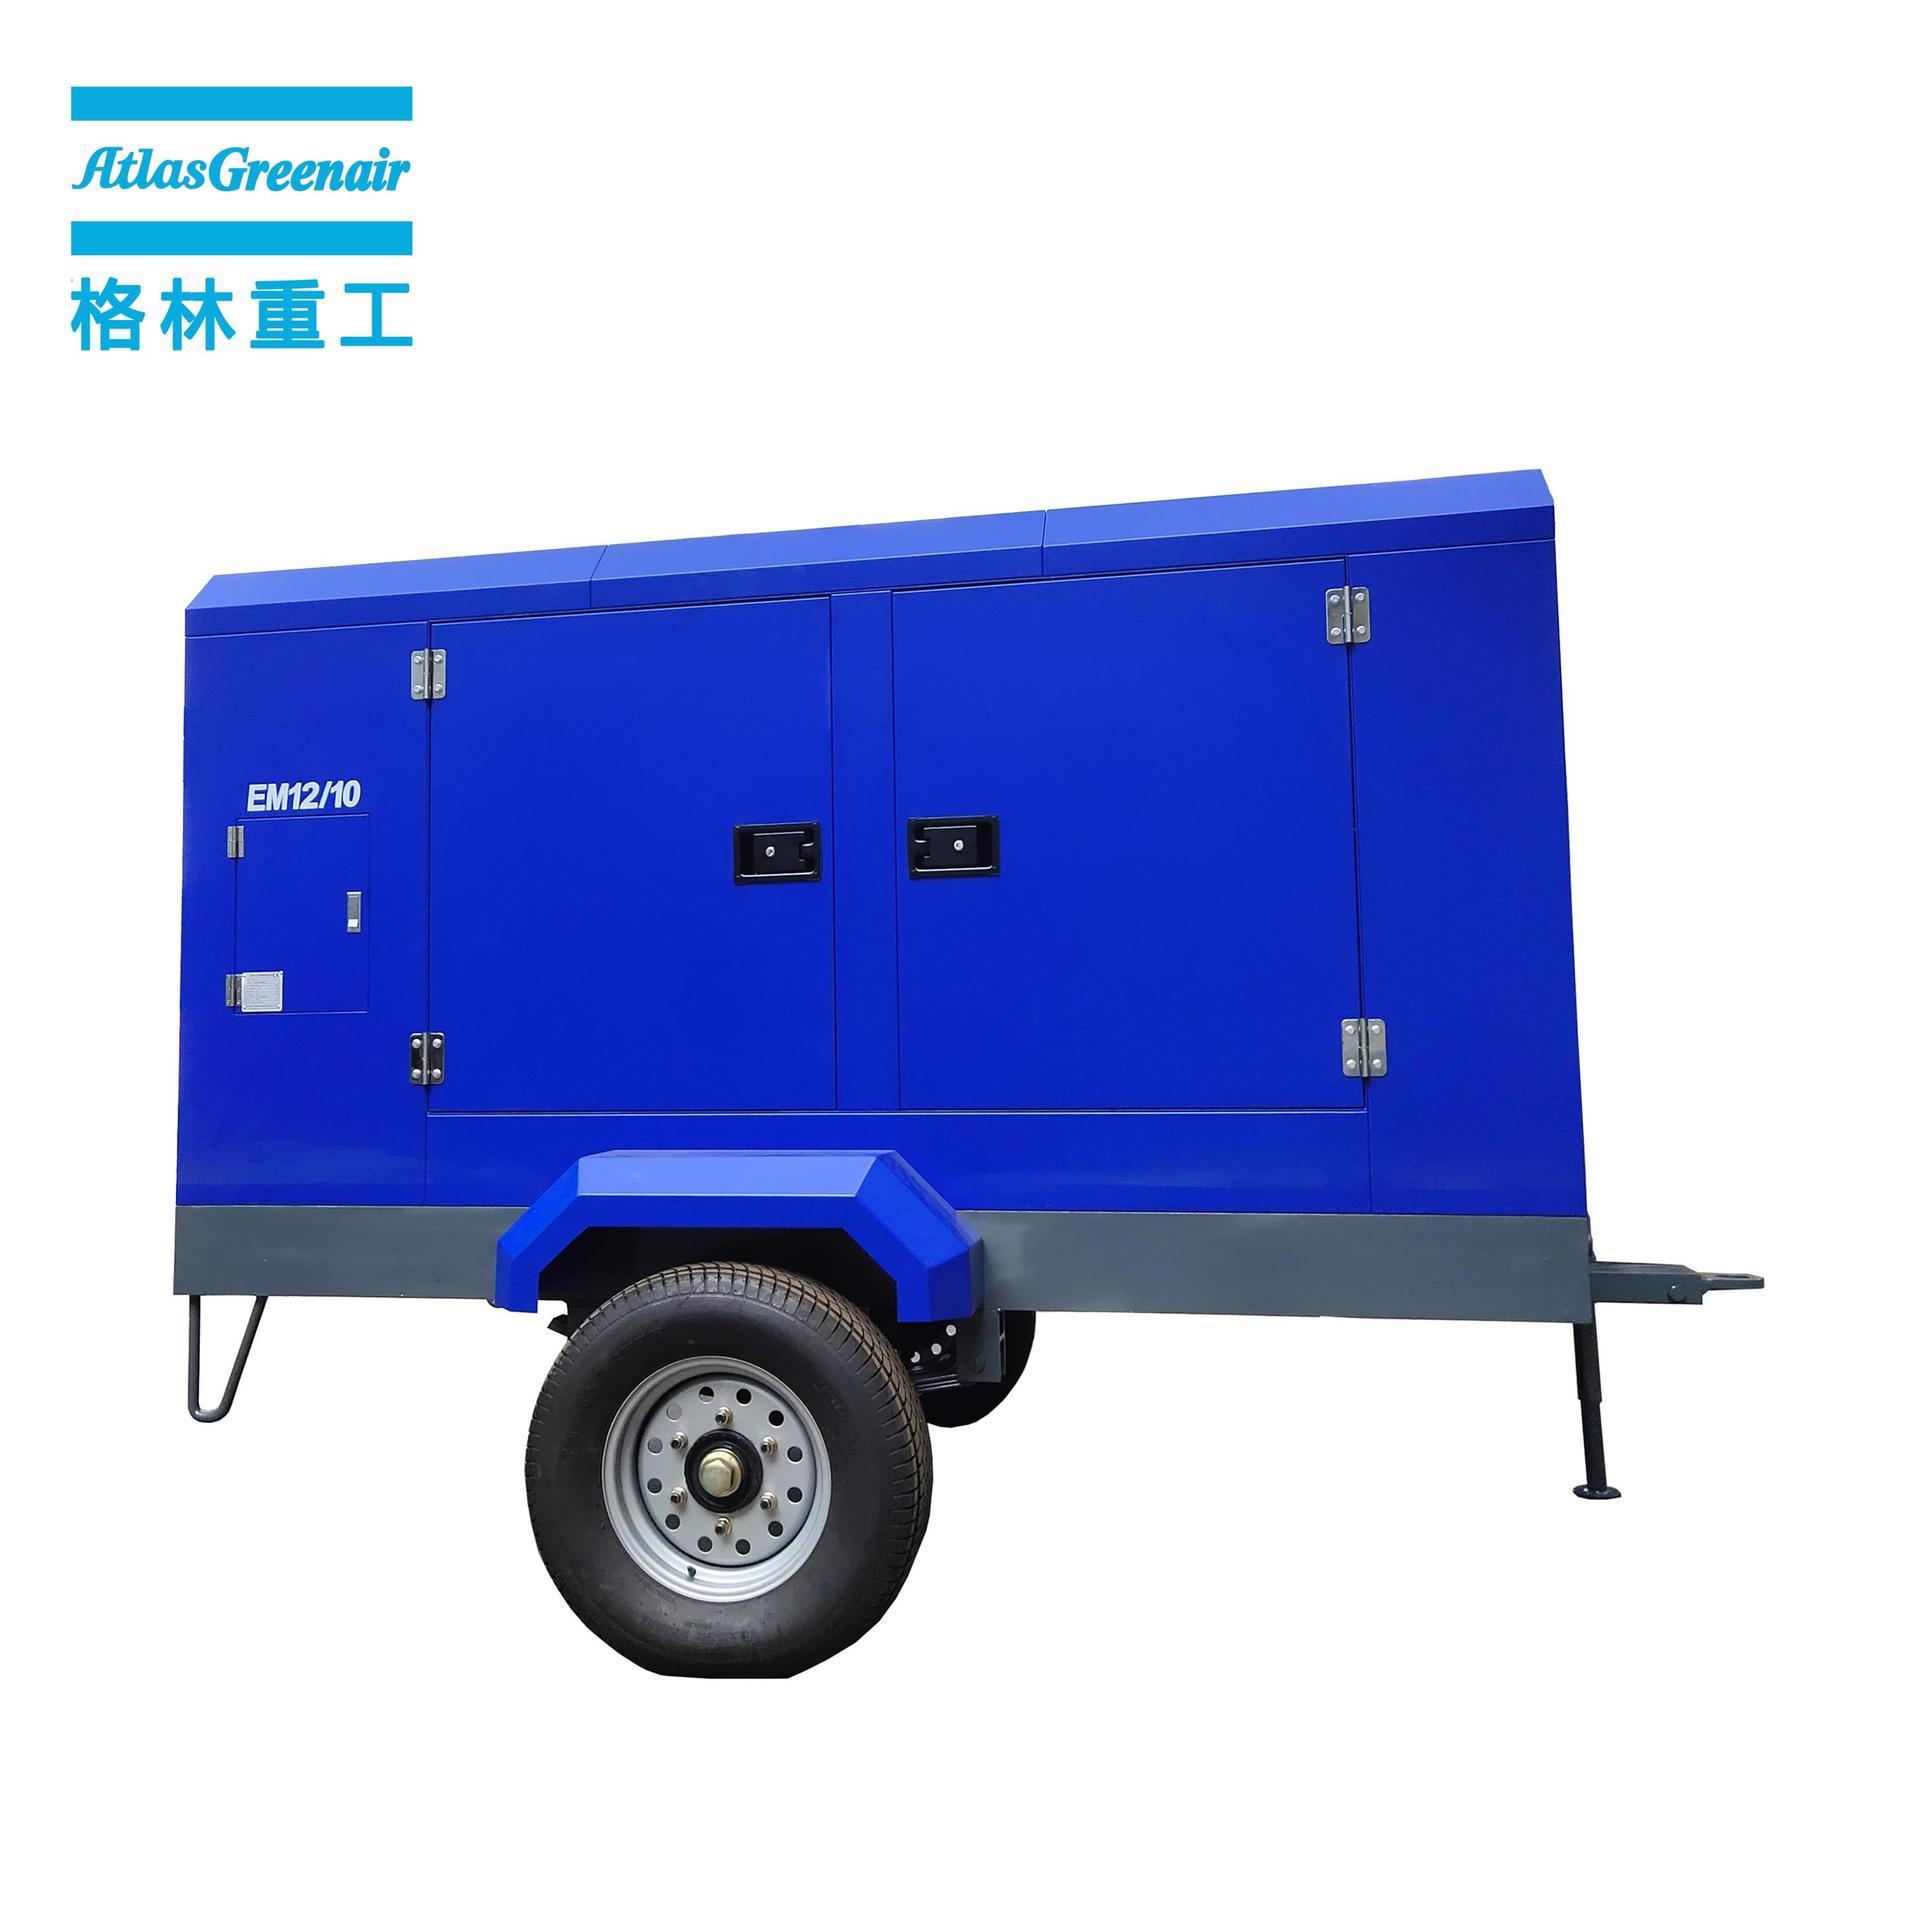 Atlas Greenair EM12/10 12m3/min 10Bar Electrical Mobile Screw Air Compressor